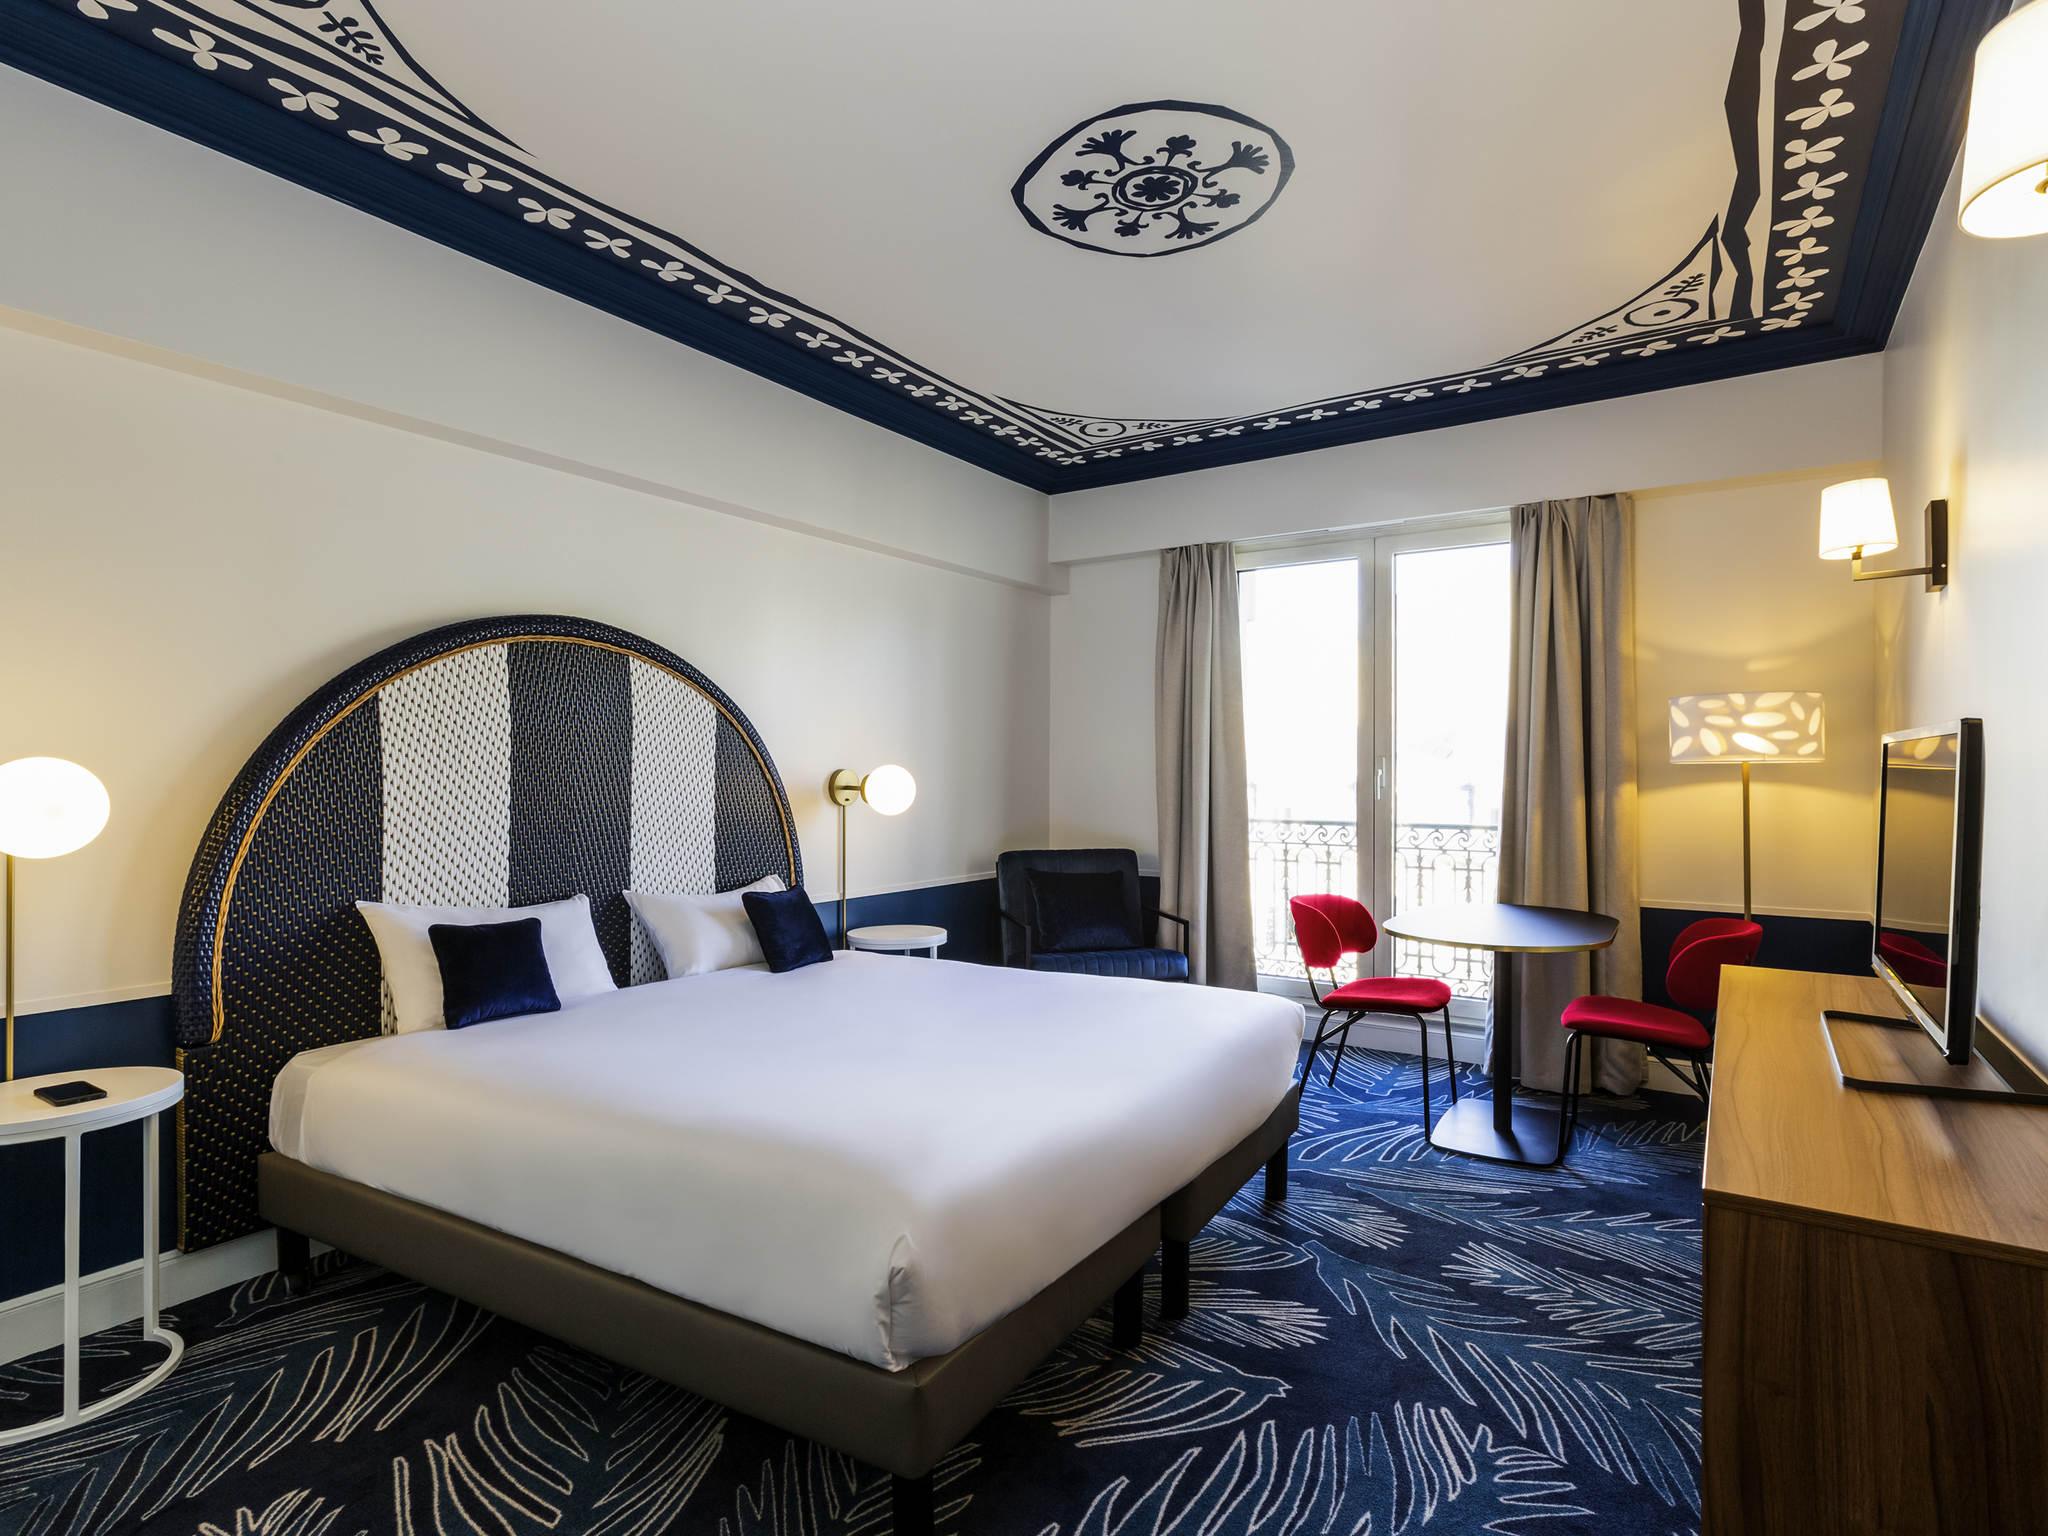 โรงแรม – อพาร์ทโฮเทล อดาจิโอ ปารีส โอสมานน์